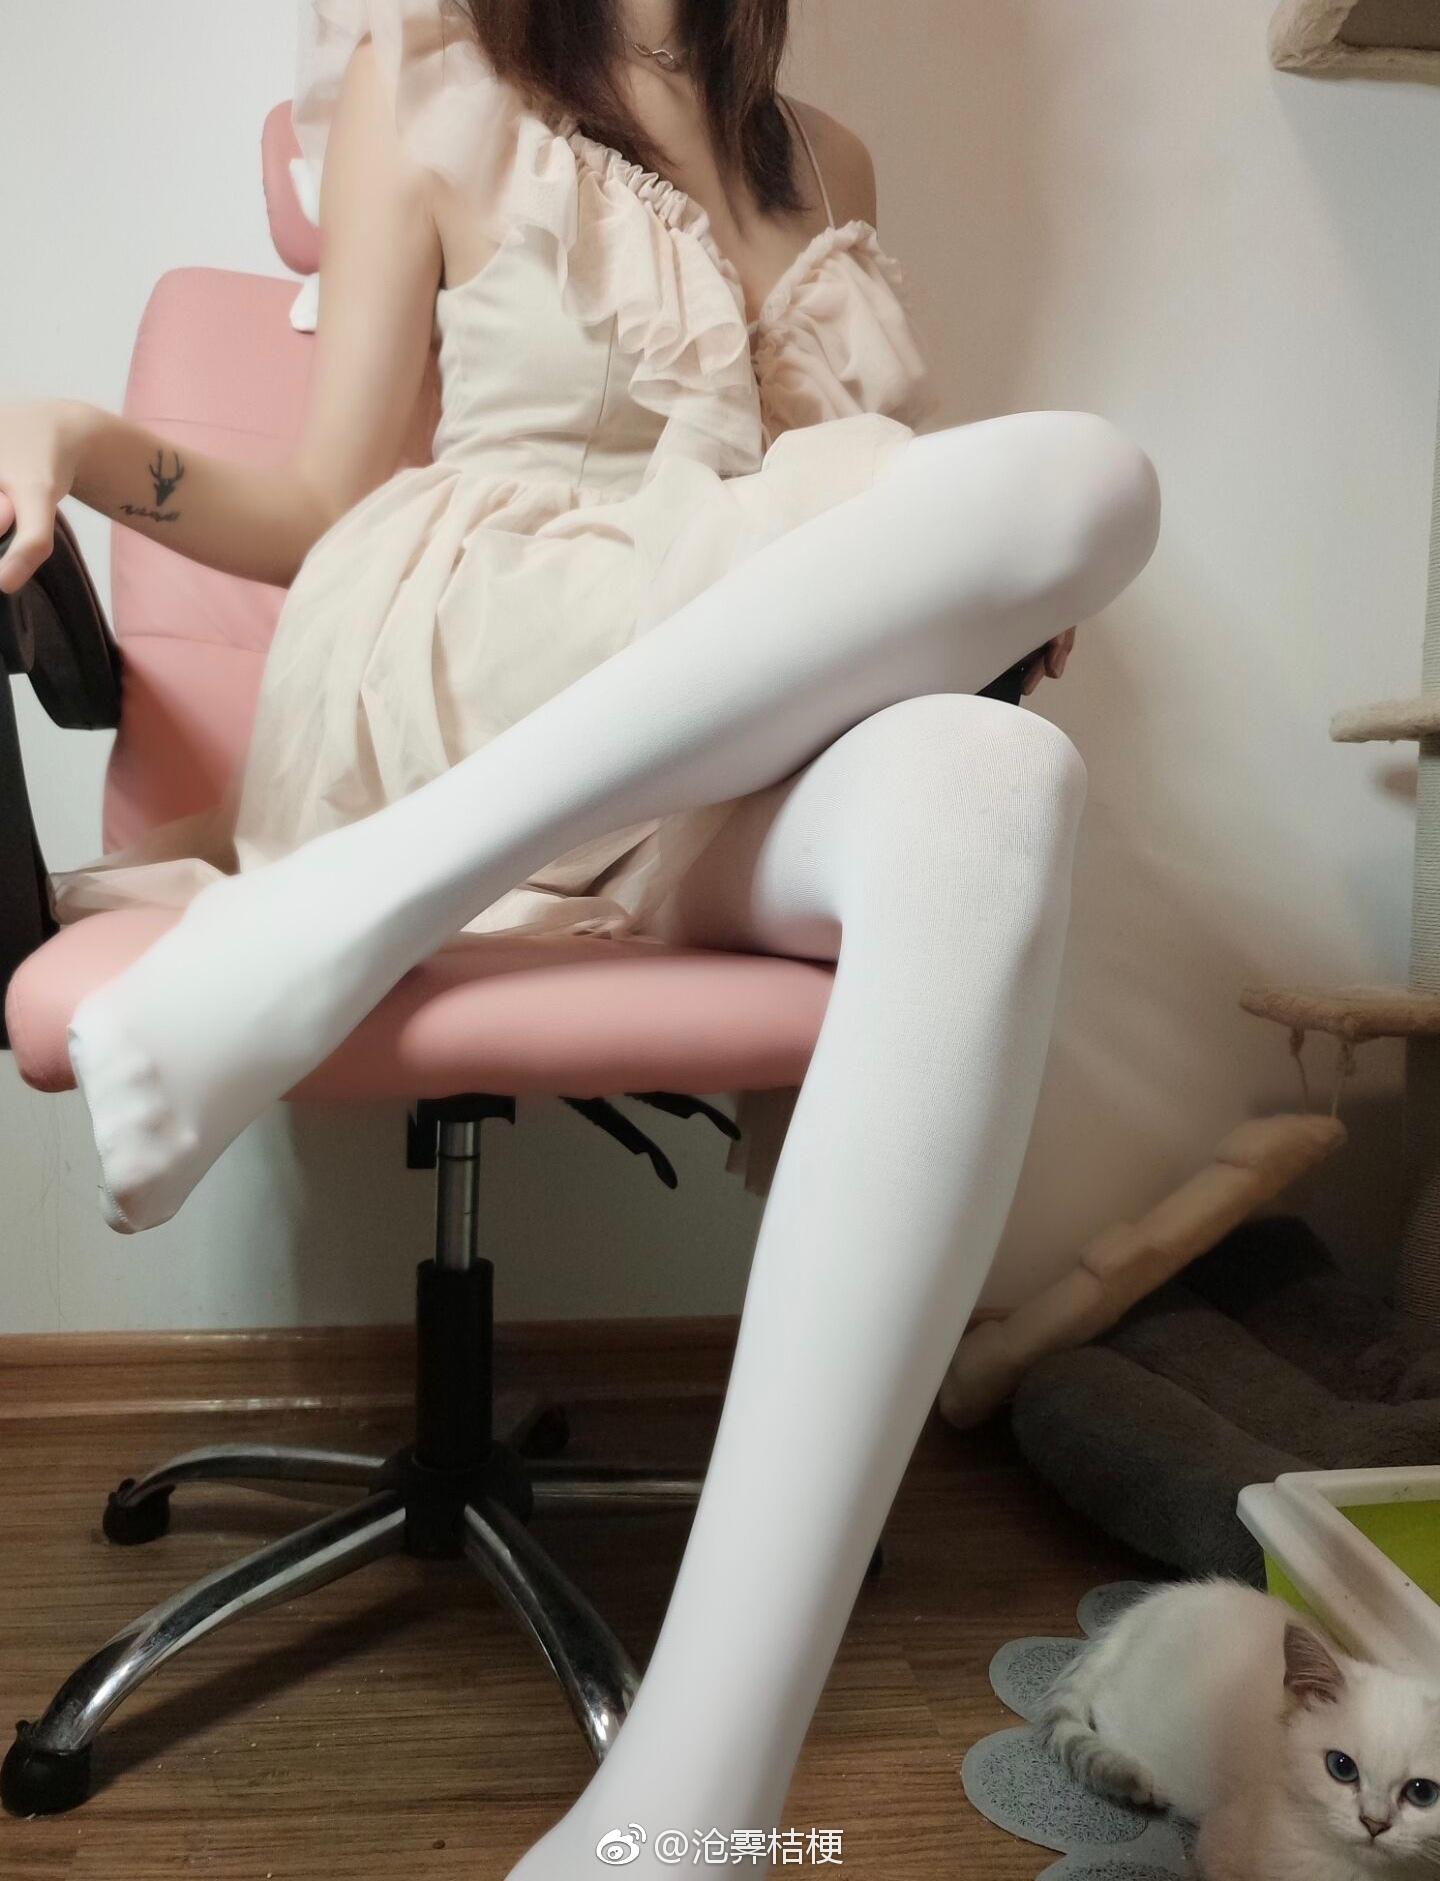 你喜欢妹子穿黑丝还是白丝还是黑白丝-o-?(9P)